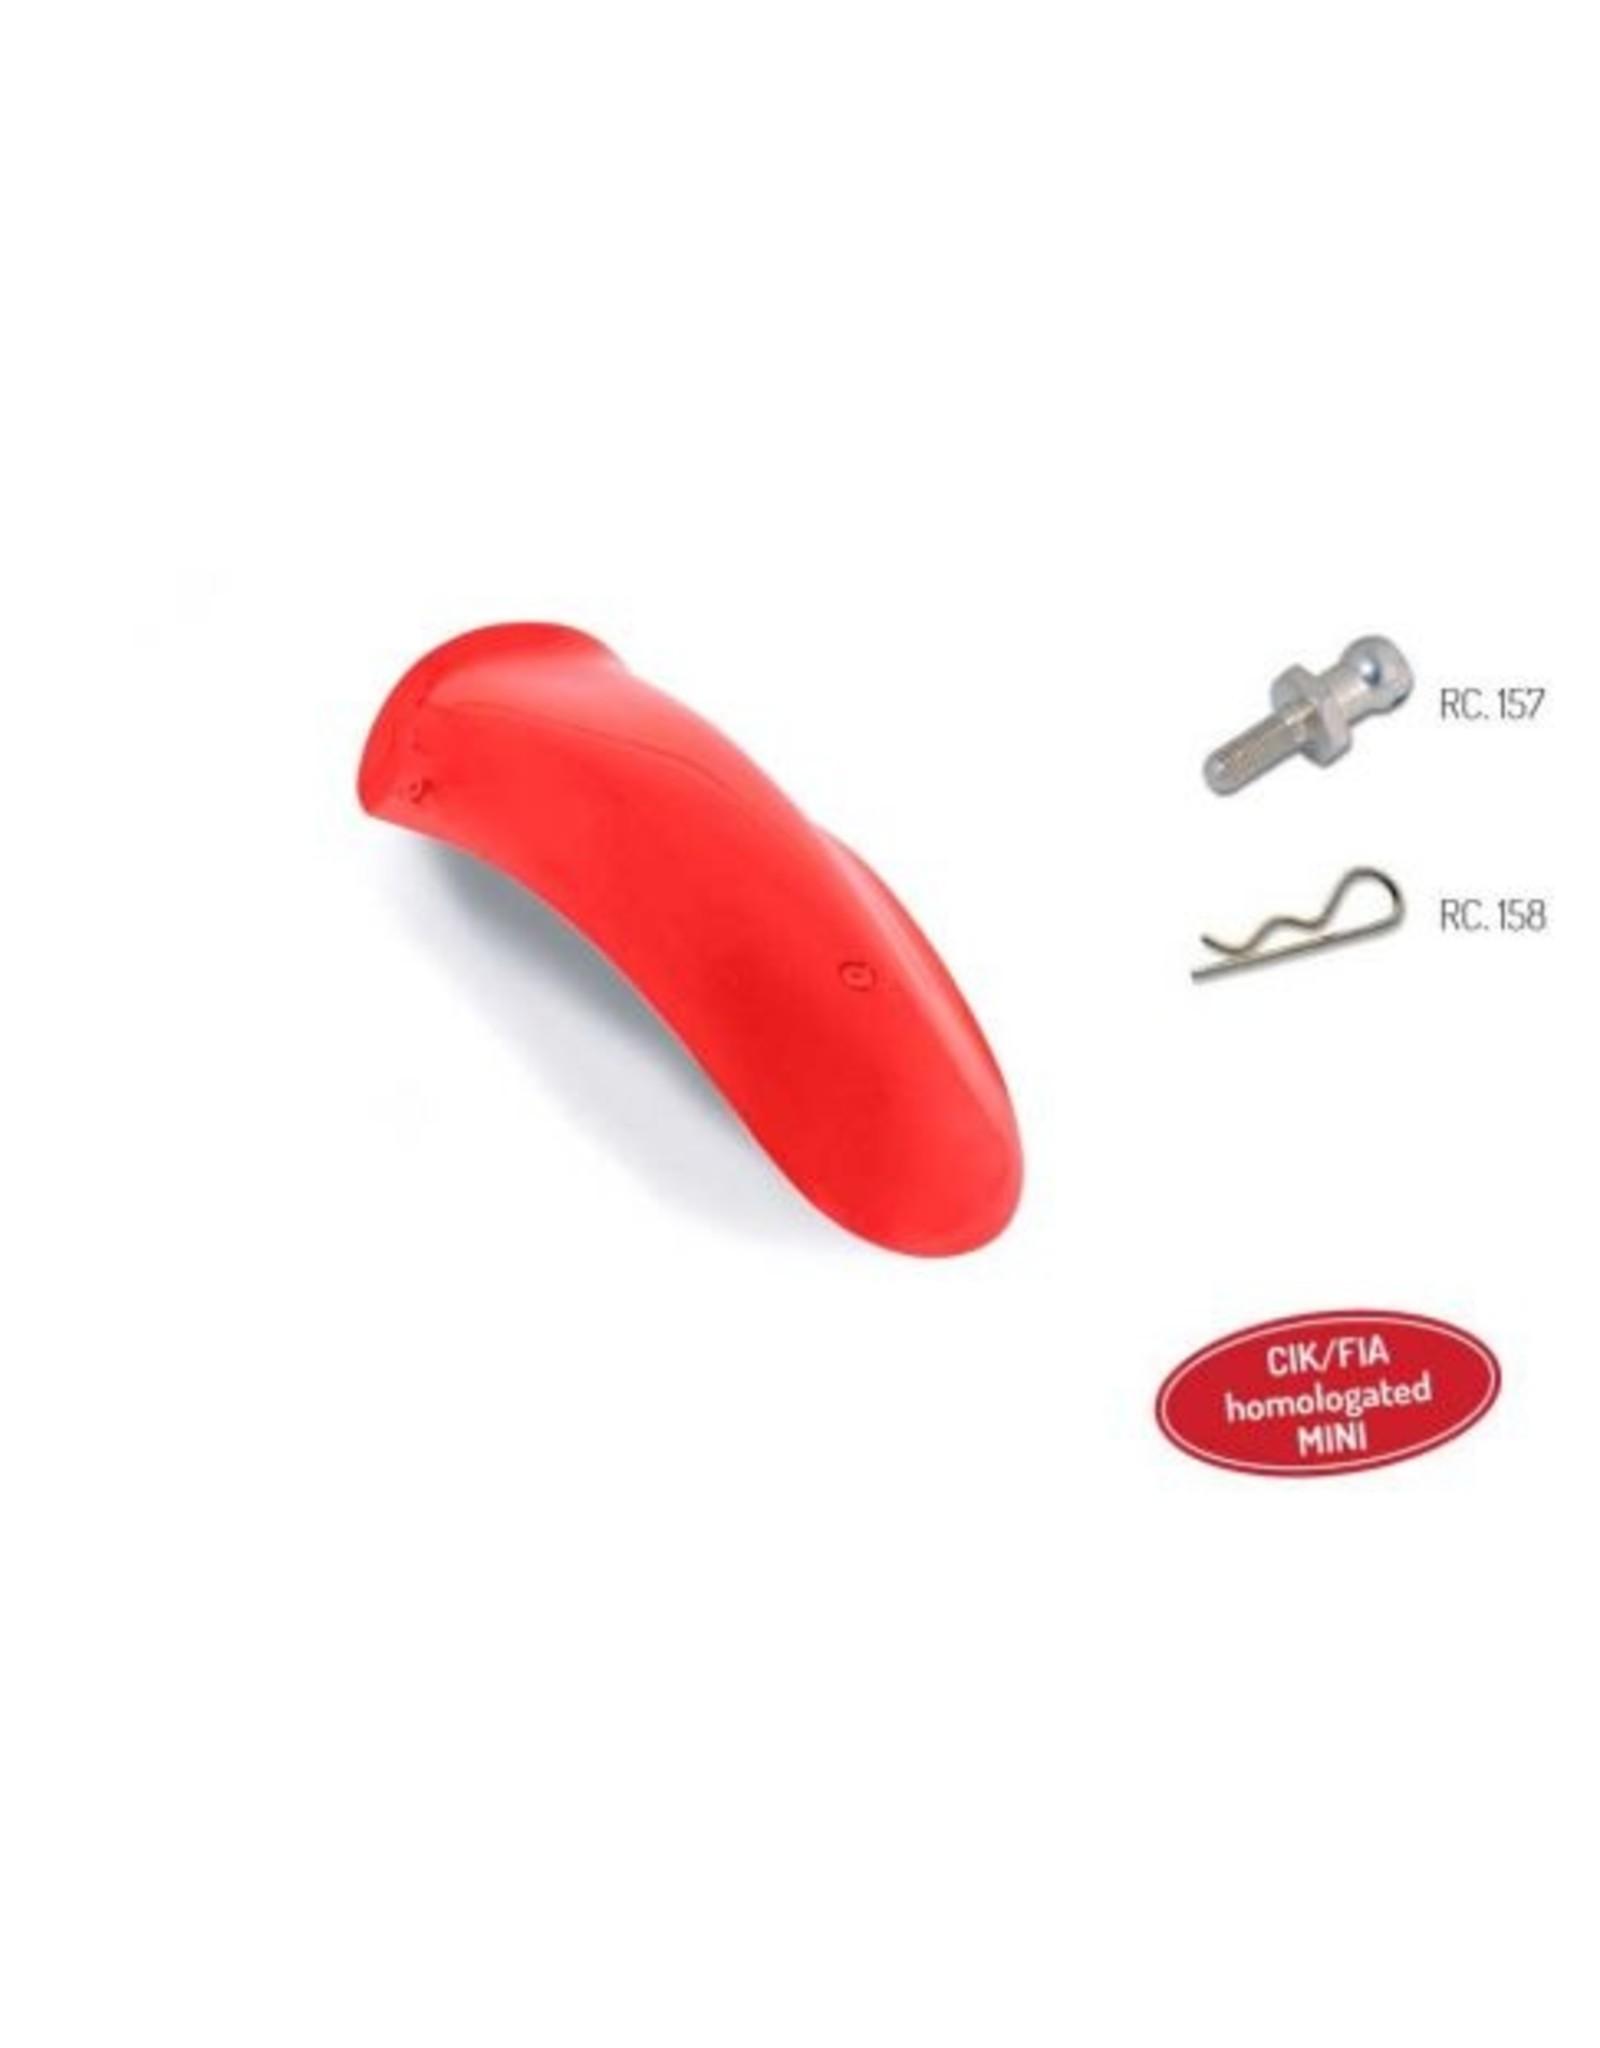 KG KG MK20 Mini voorspoiler CIK rood